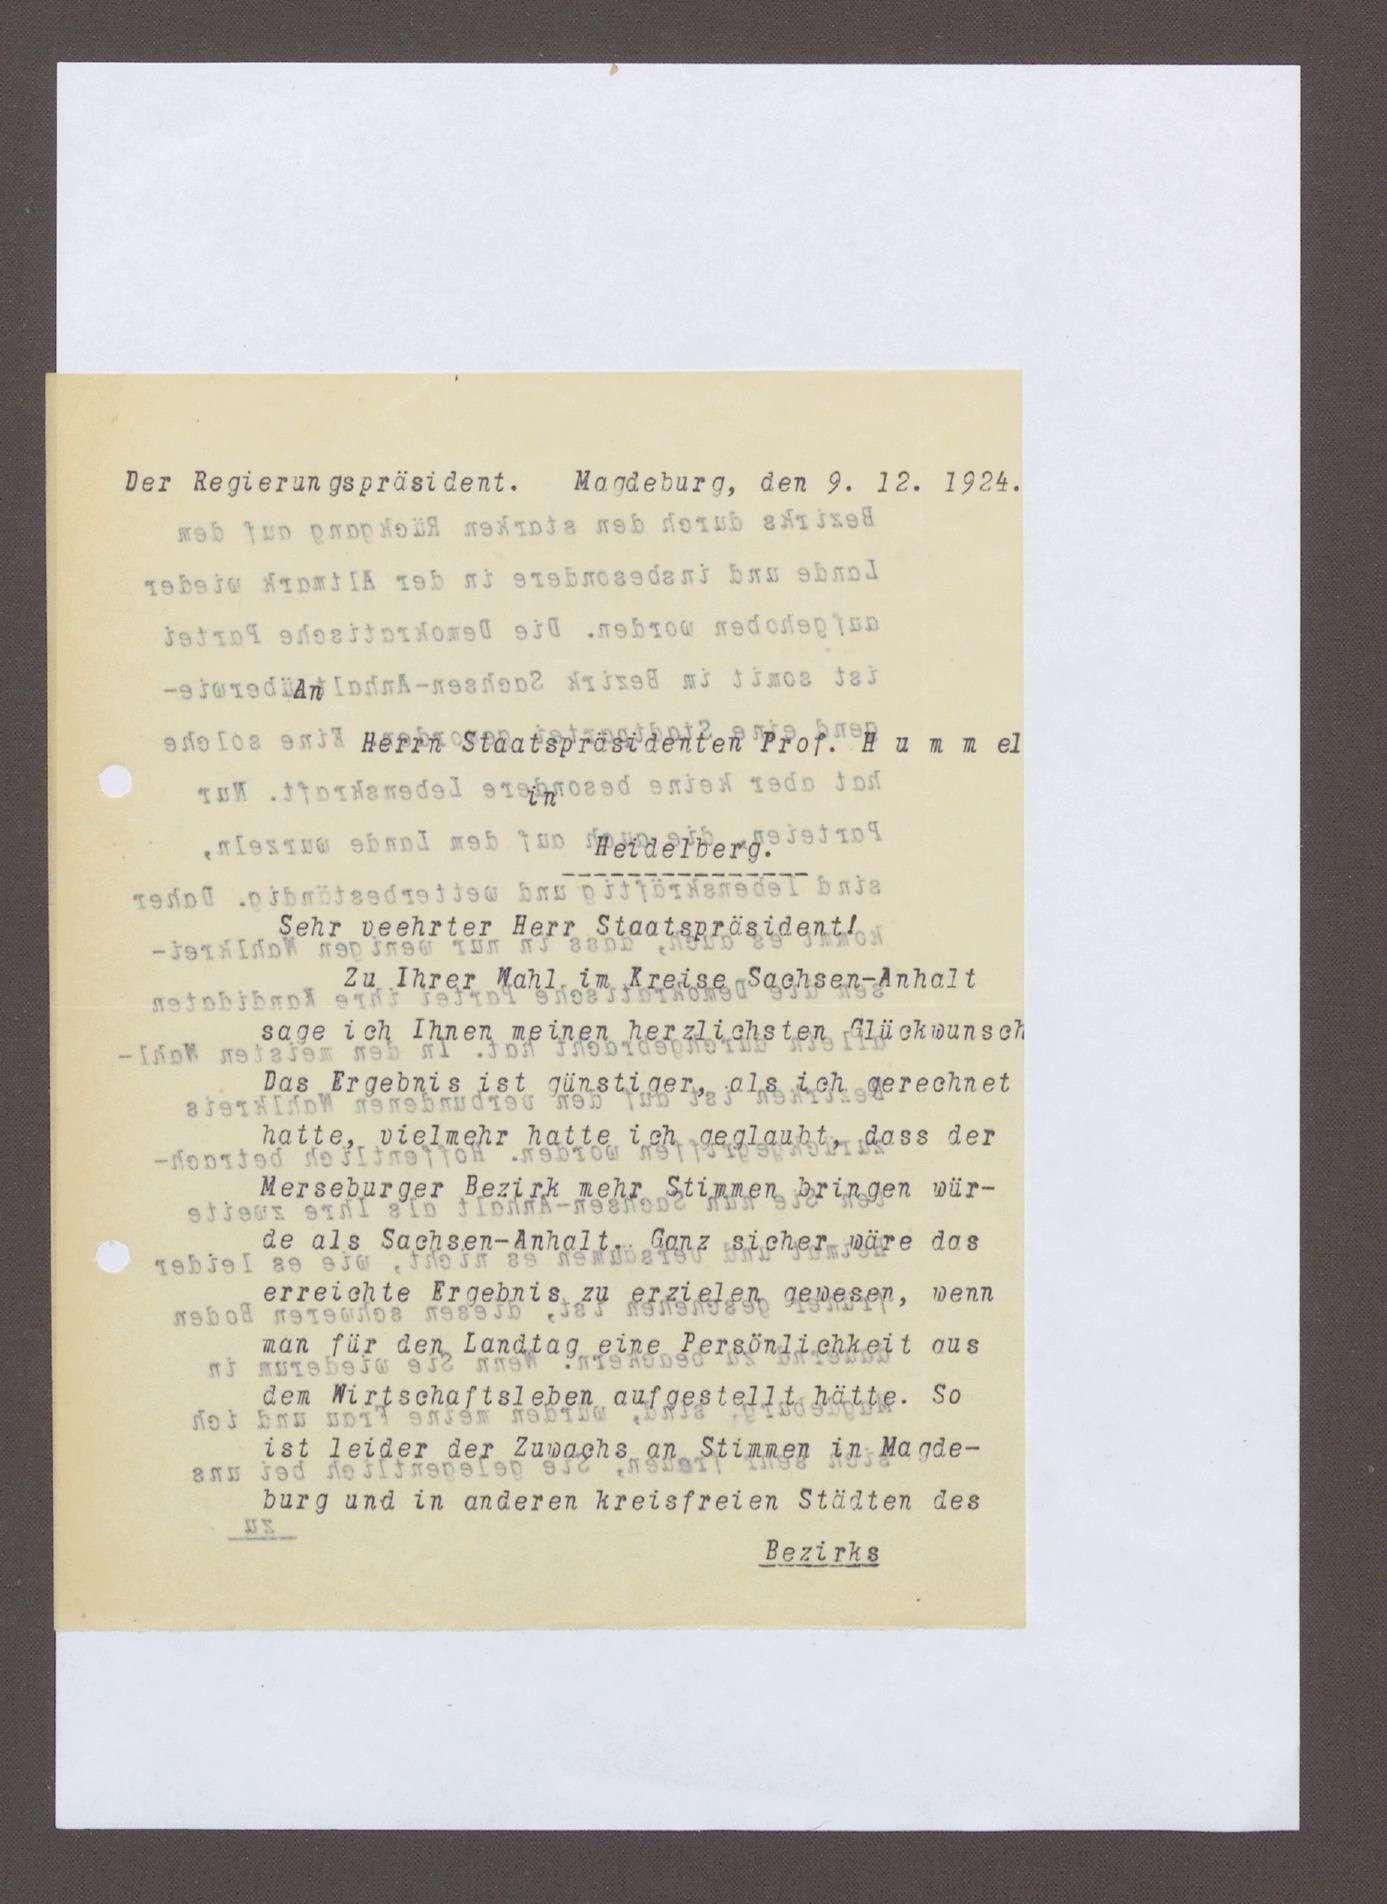 Schreiben des Regierungspräsidenten des Regierungsbezirks Magdeburg, Alexander Pohlmann, Magdeburg, an Hermann Hummel: Glückwünsche zum Wahlsieg, 1 Schreiben, Bild 1